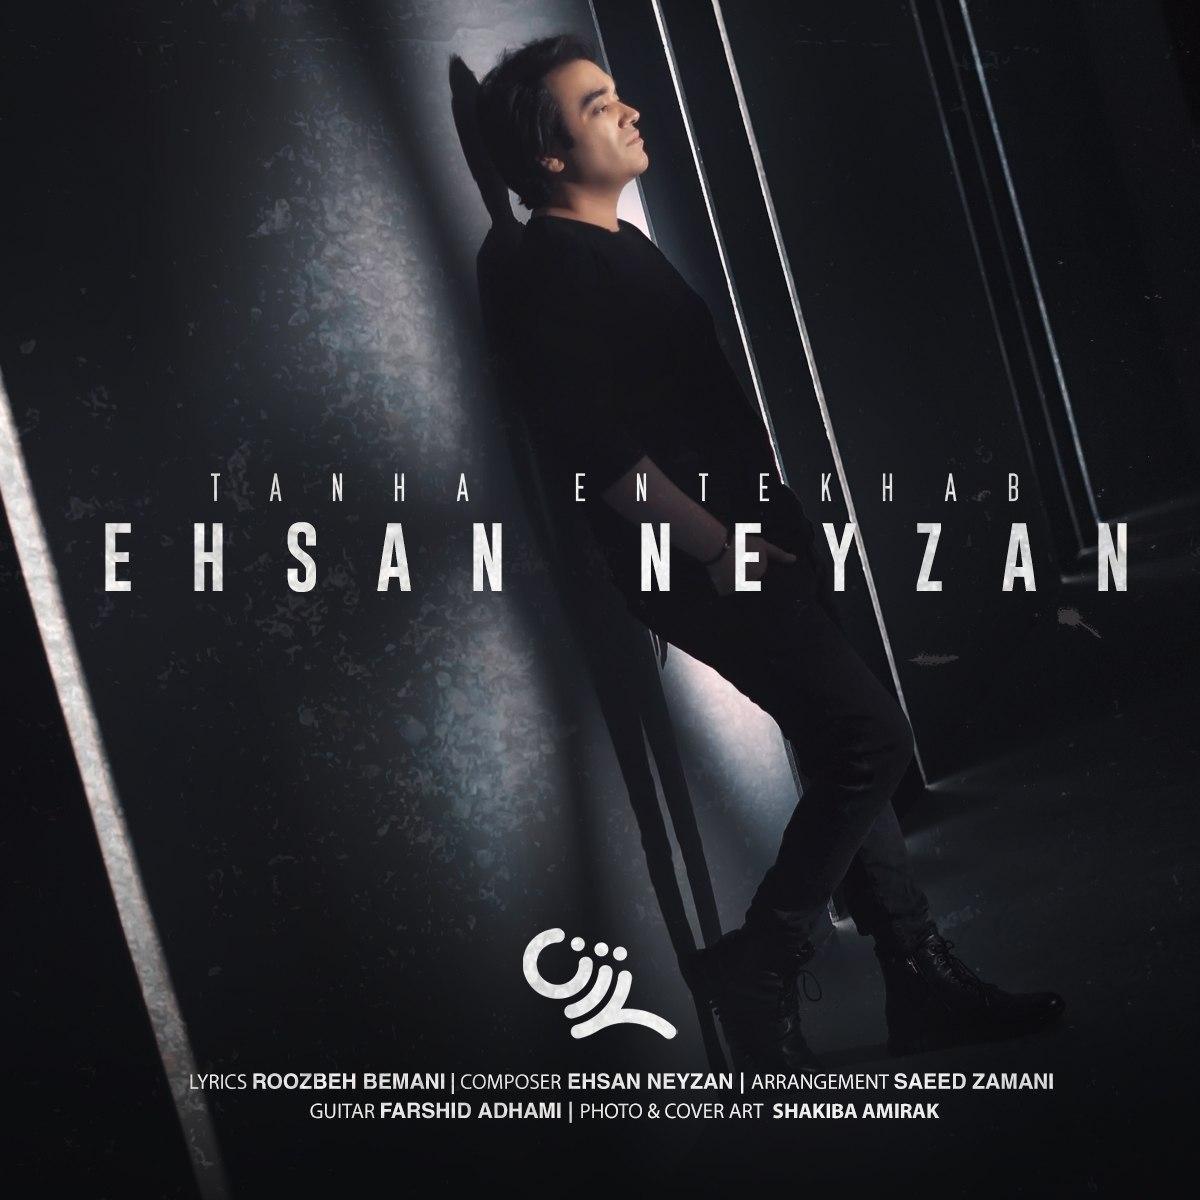 Ehsan neyzan – Tanha Entekhab